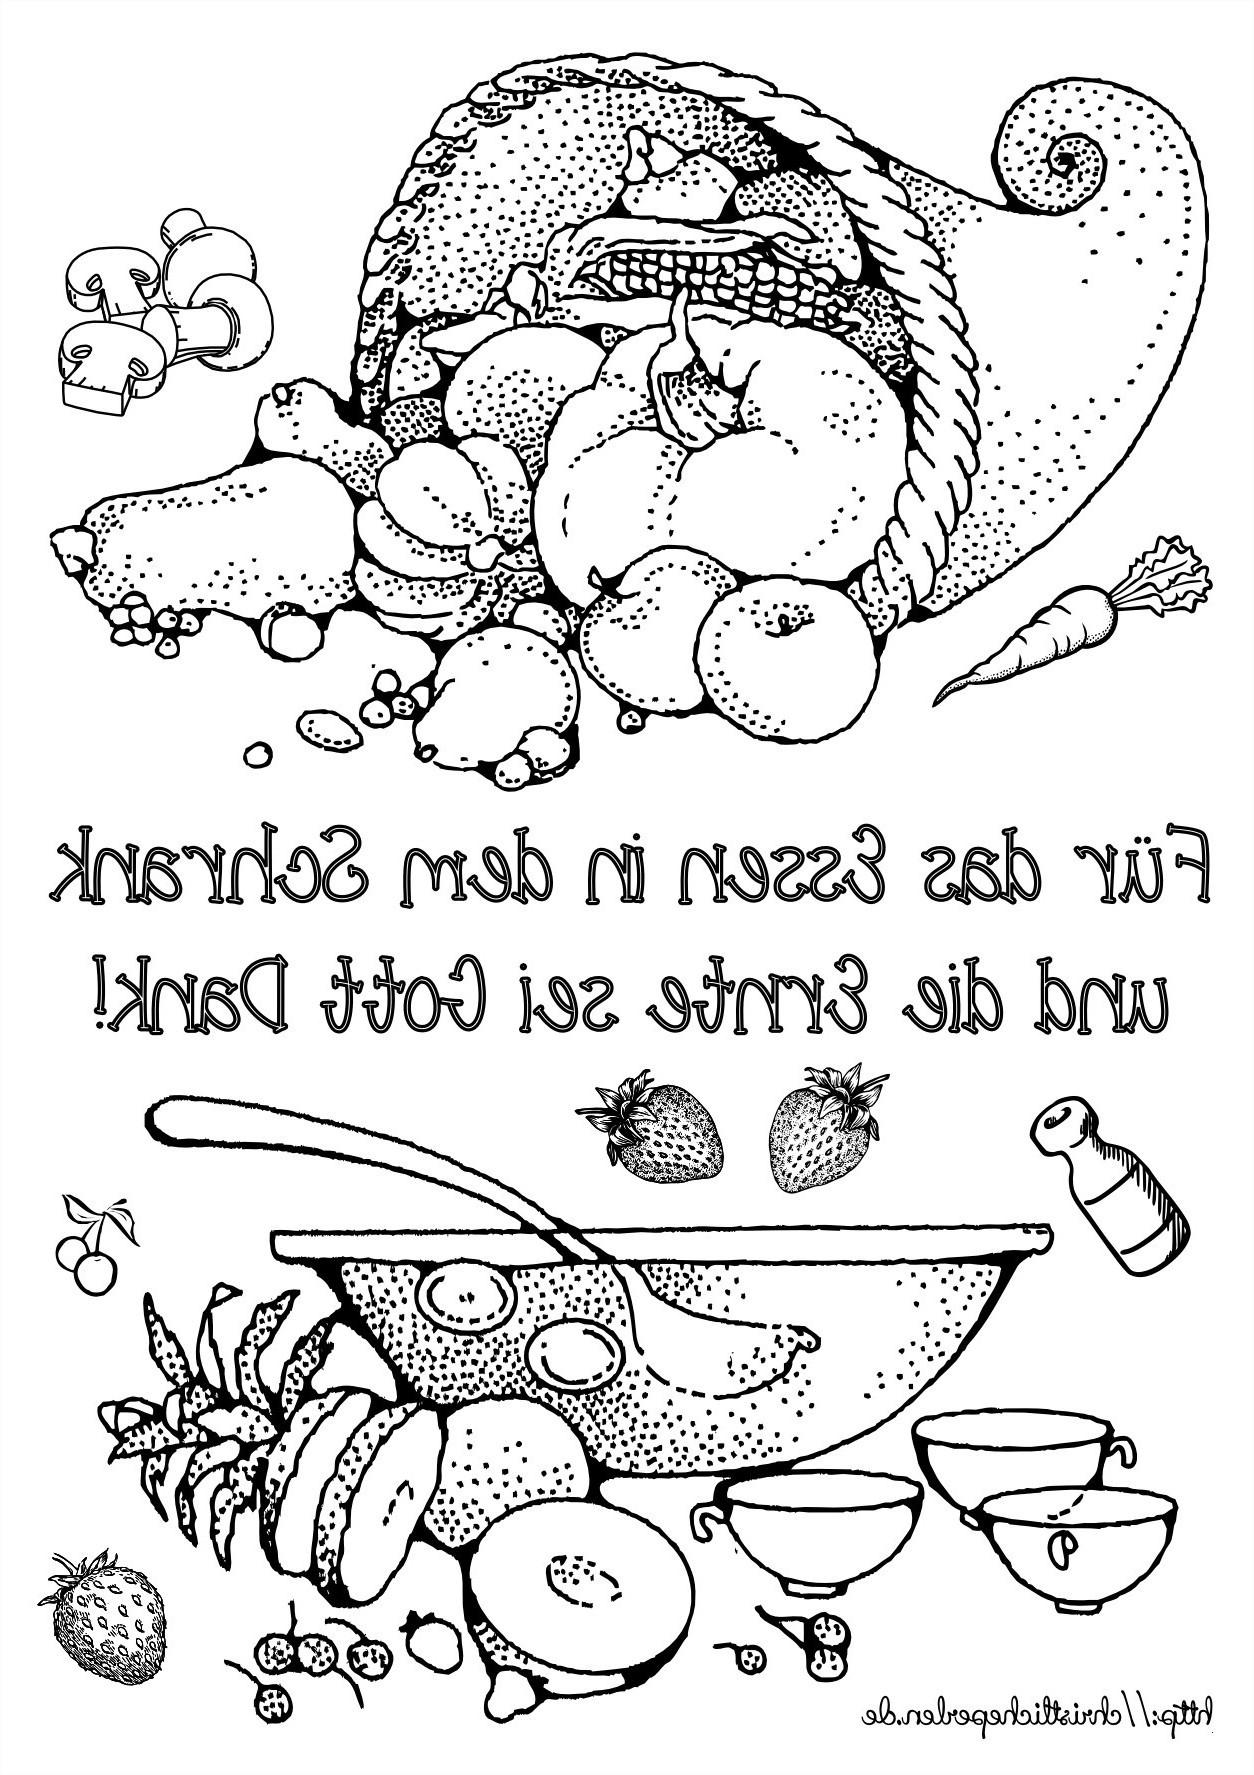 Frau Holle Ausmalbild Genial 34 Beste Von Ausmalbild Blumen – Malvorlagen Ideen Bilder